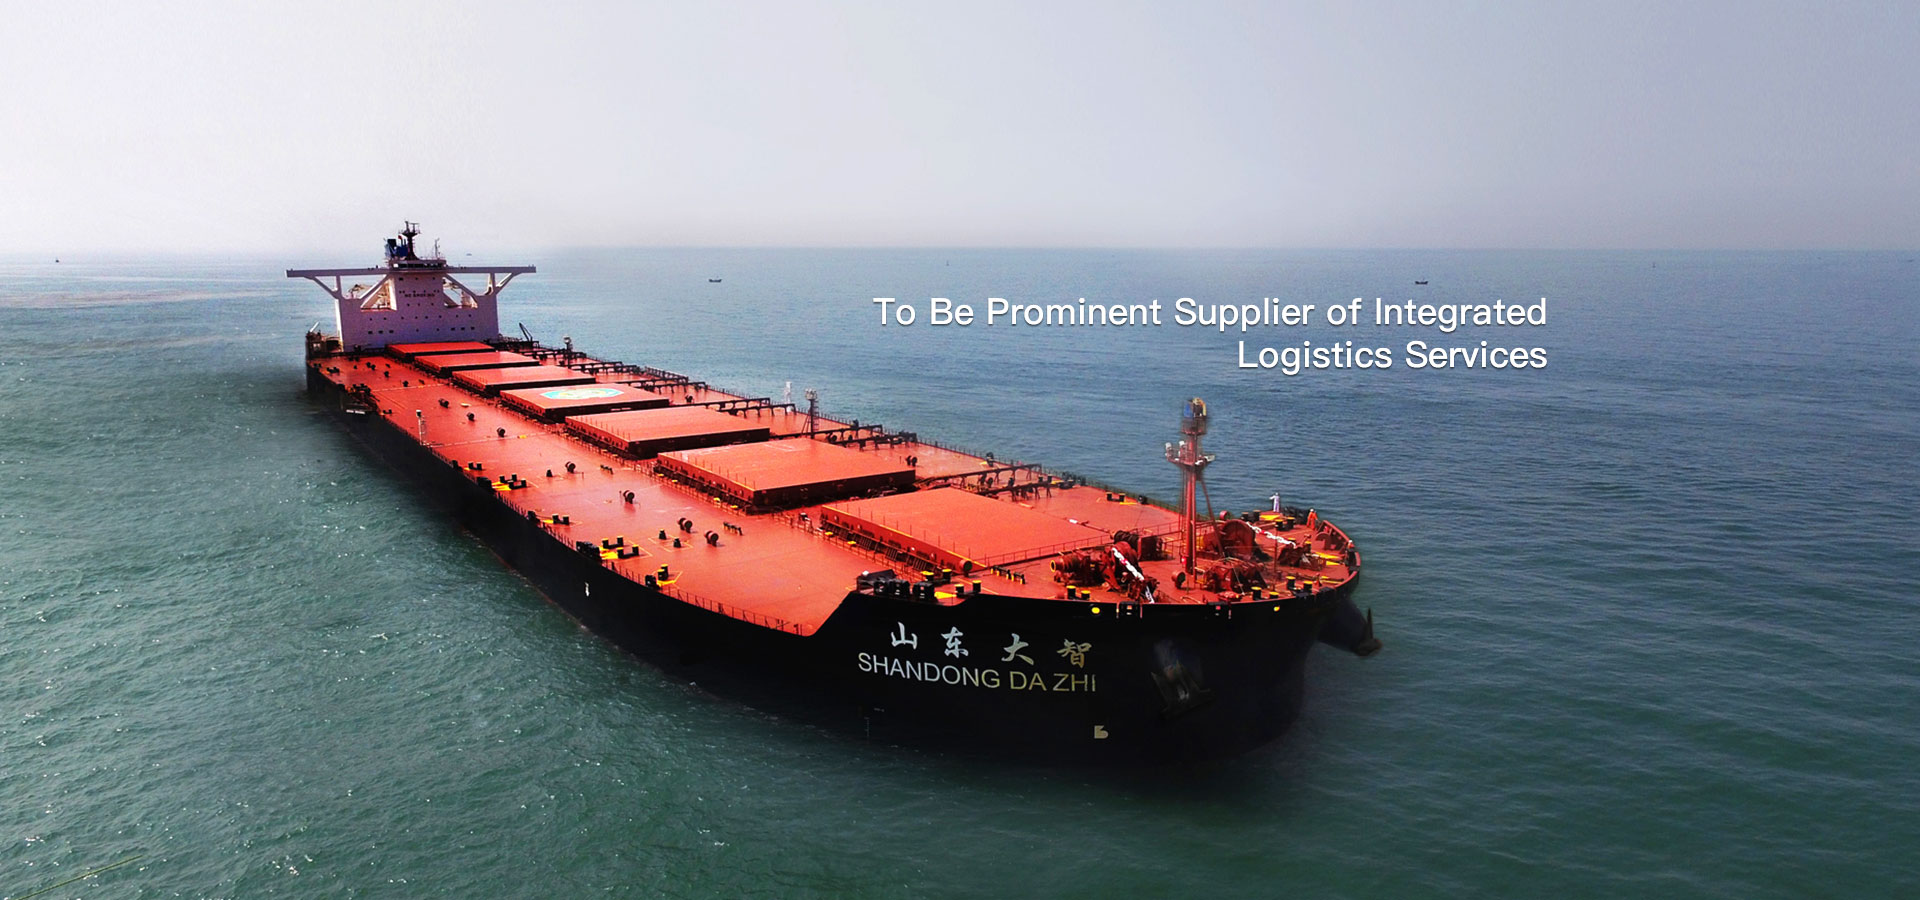 SHANDONG SHIPPING CORPORATION